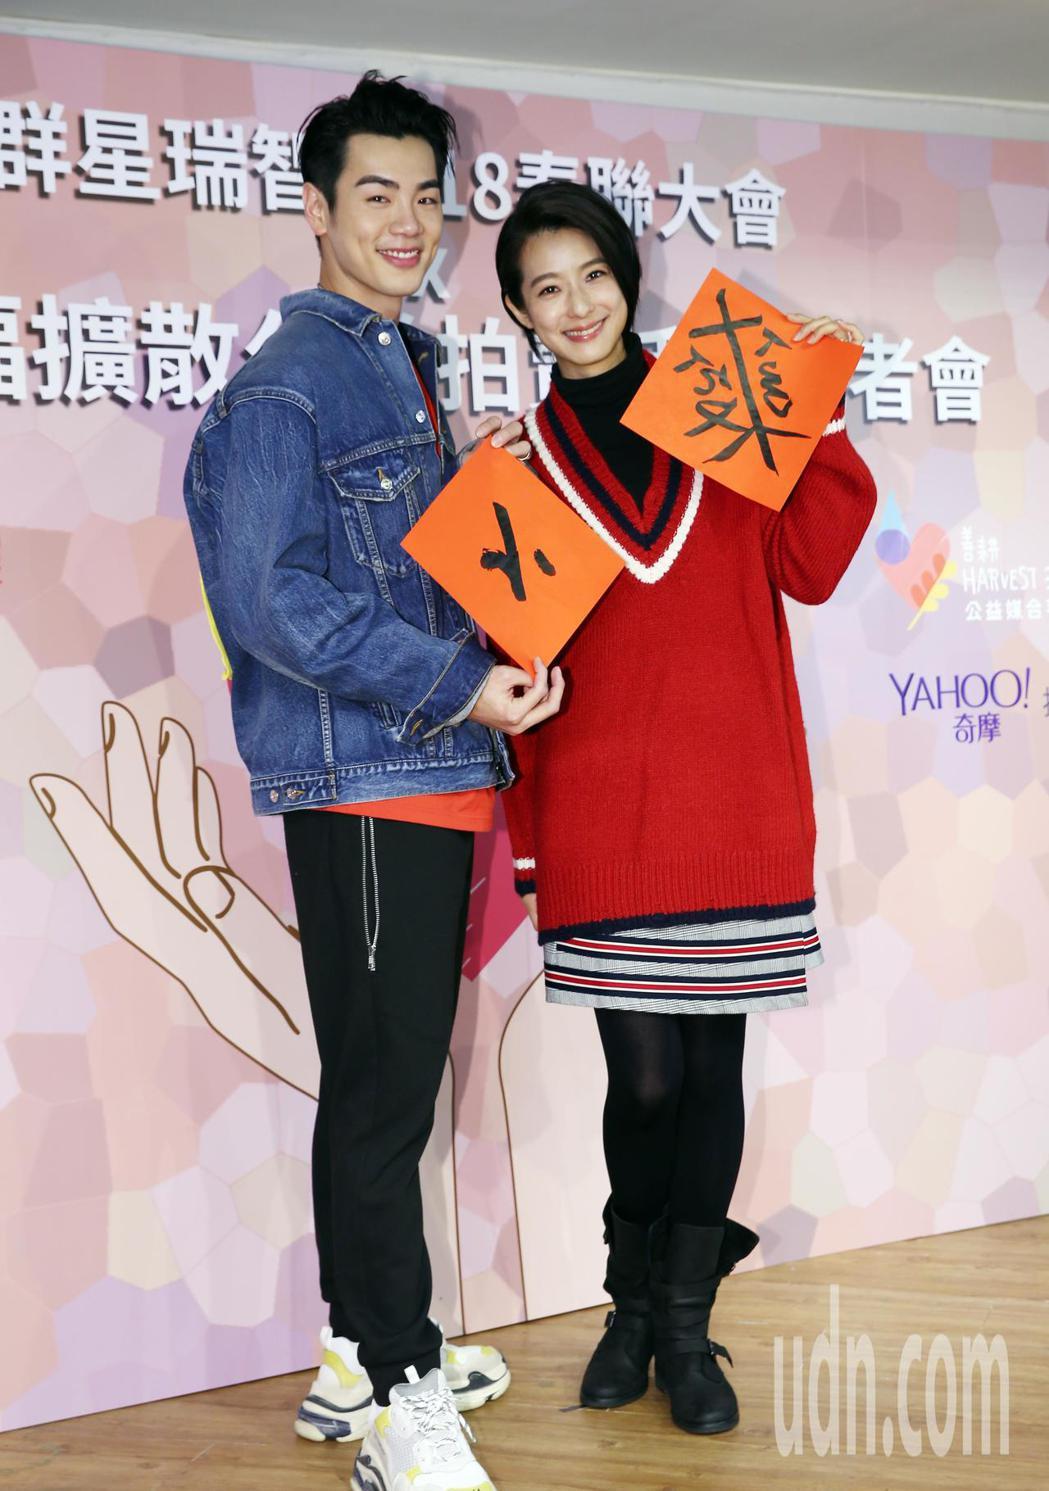 藝人禾浩辰(左)和賴雅研(右)分別寫下「小」和自創字。記者杜建重/攝影